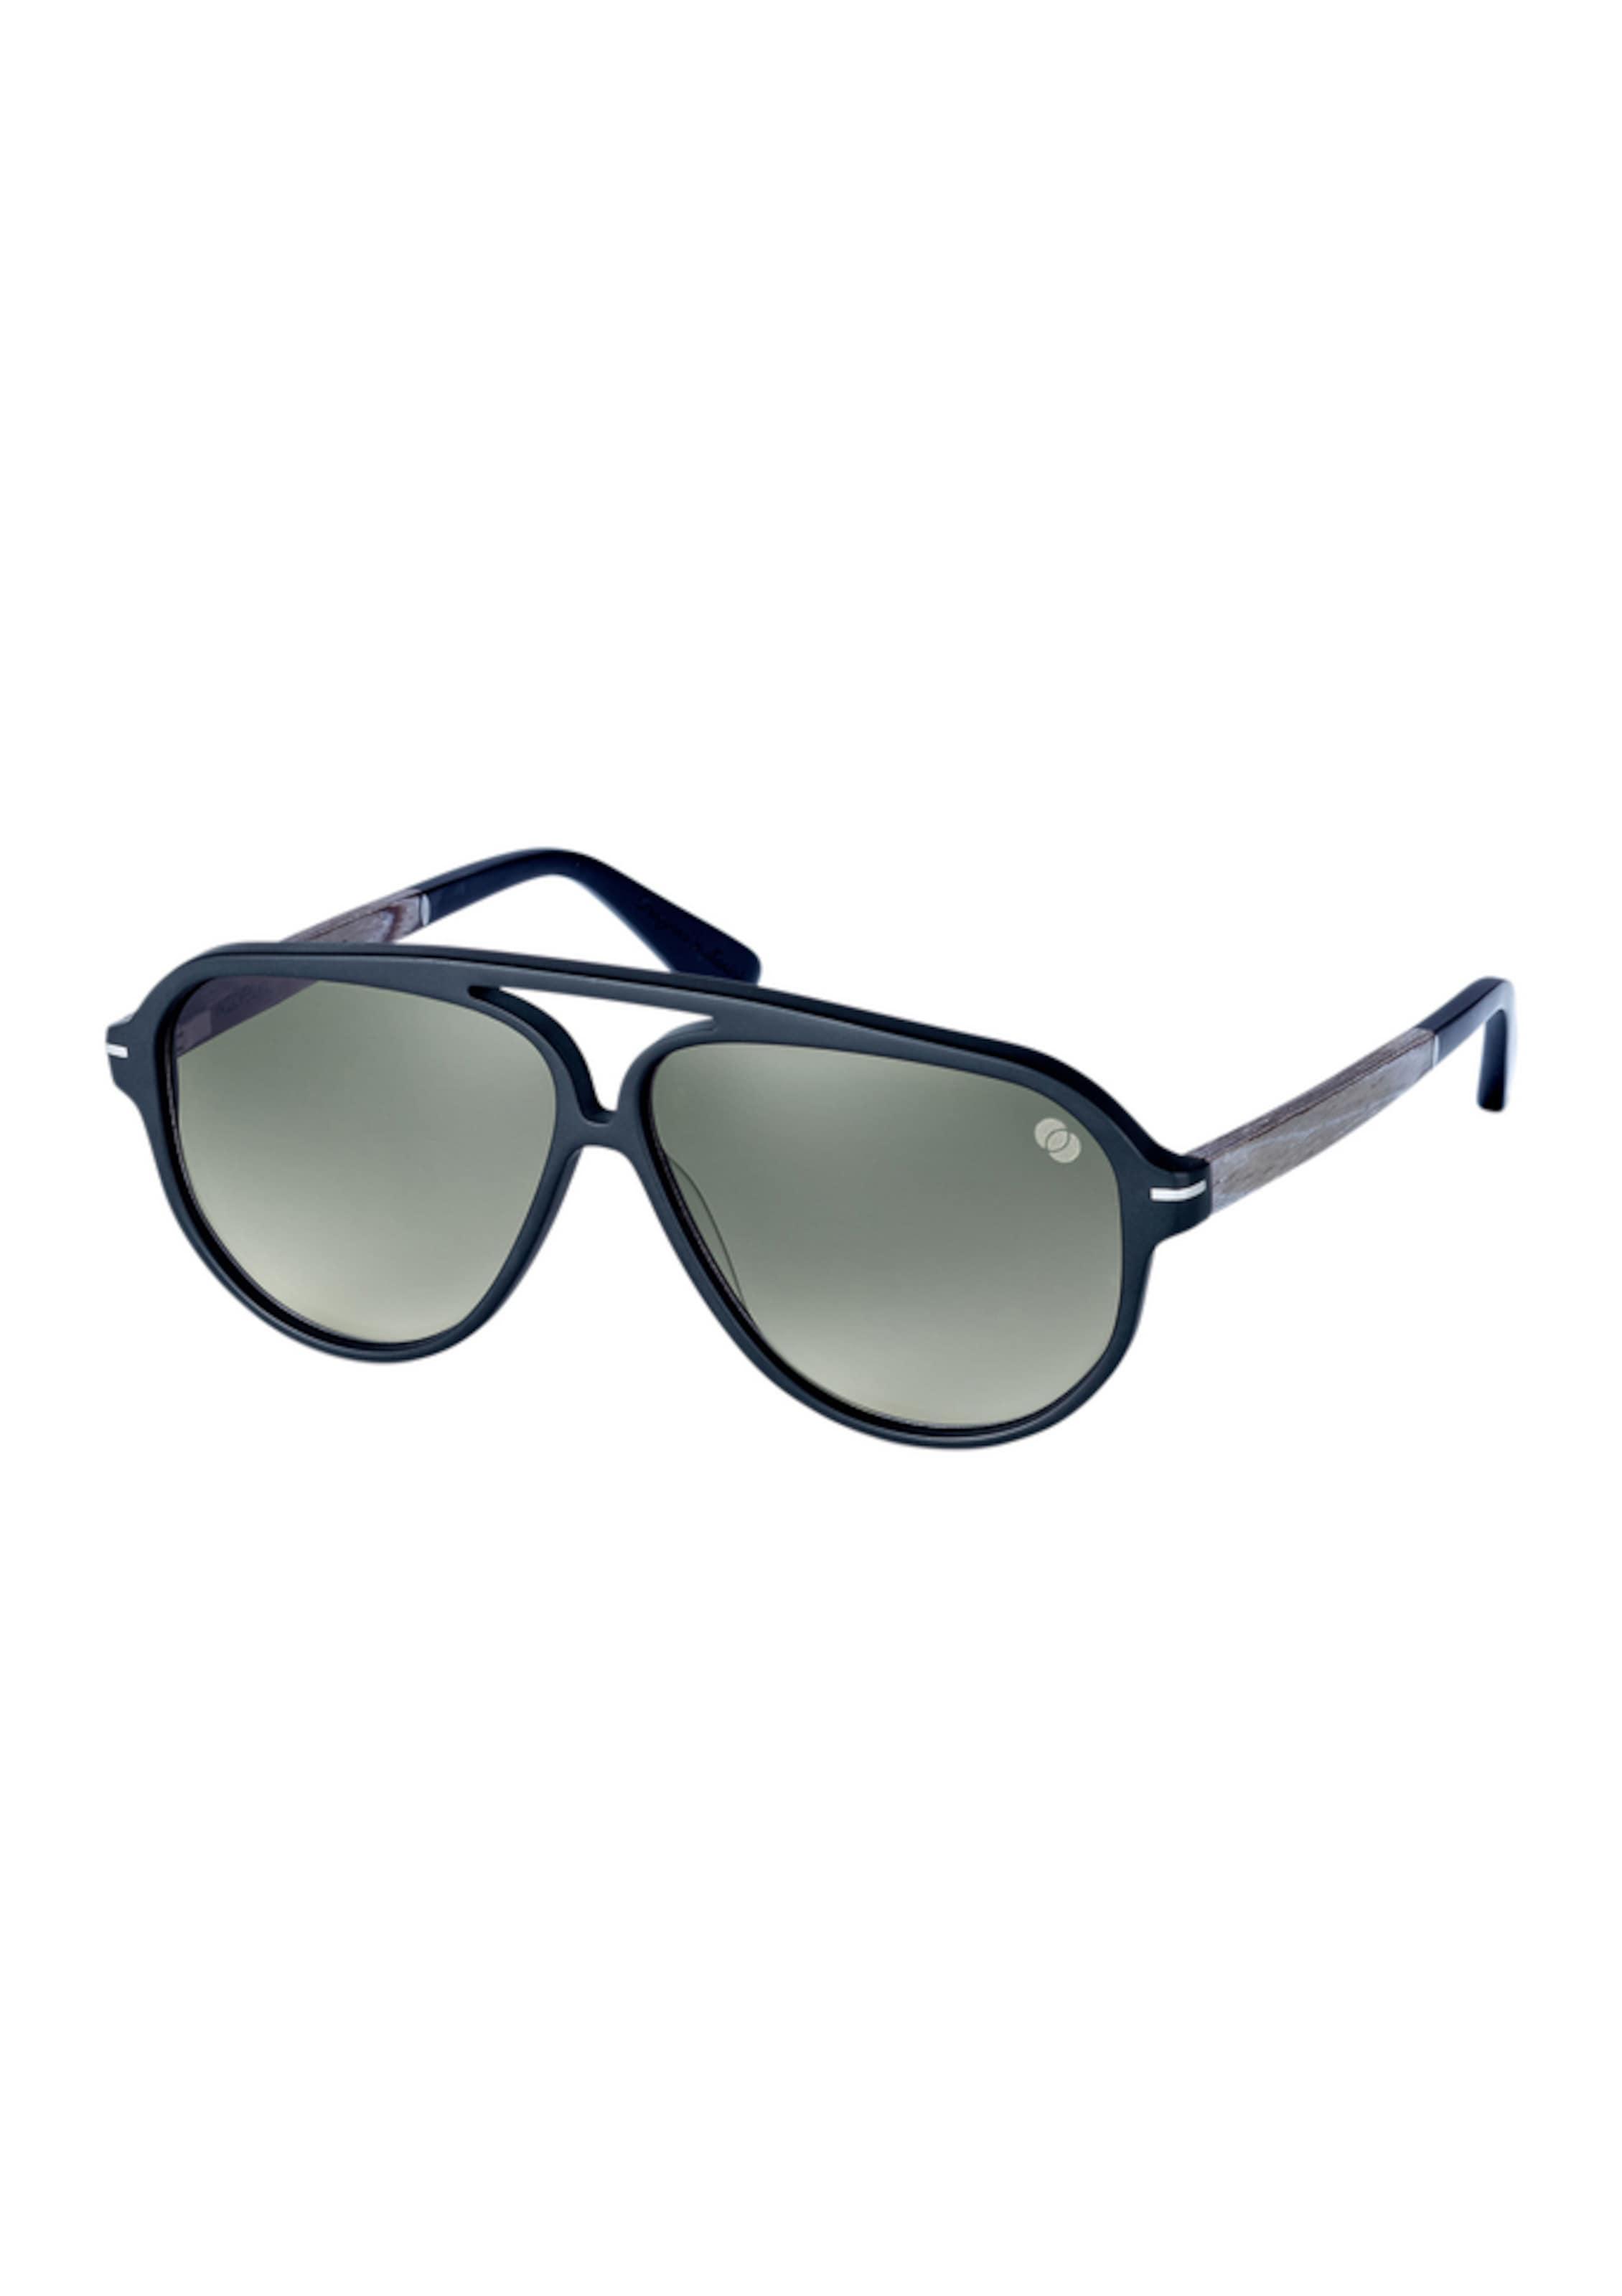 Edelholz Sonnenbrille Bügel Mit Wood Fellas Aus In BraunSchwarz 4RjL3A5q